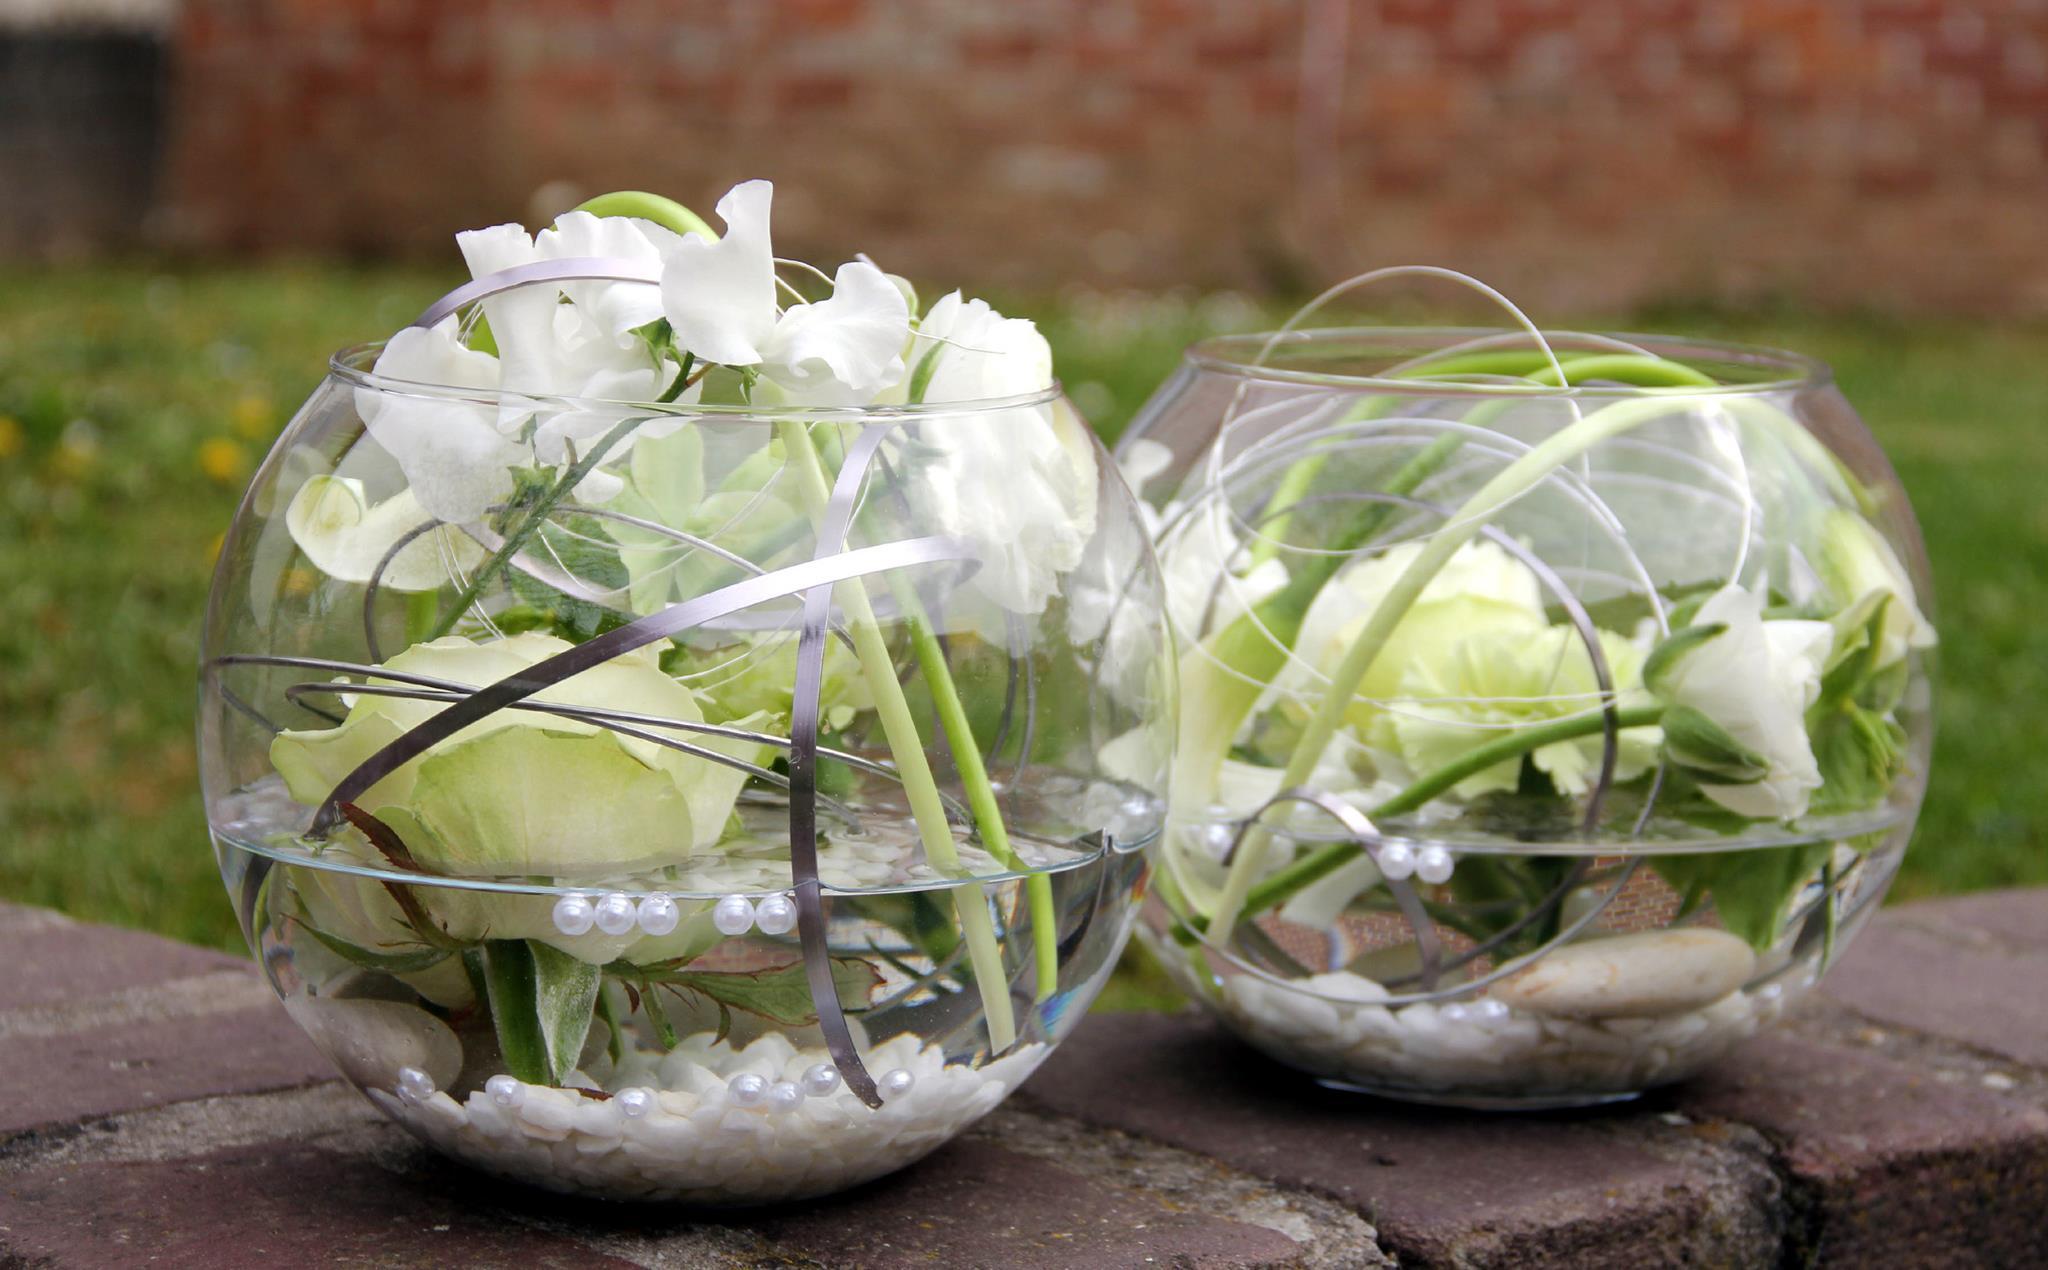 D coration de mariage fleur d 39 o - Decoration mariage fleur ...